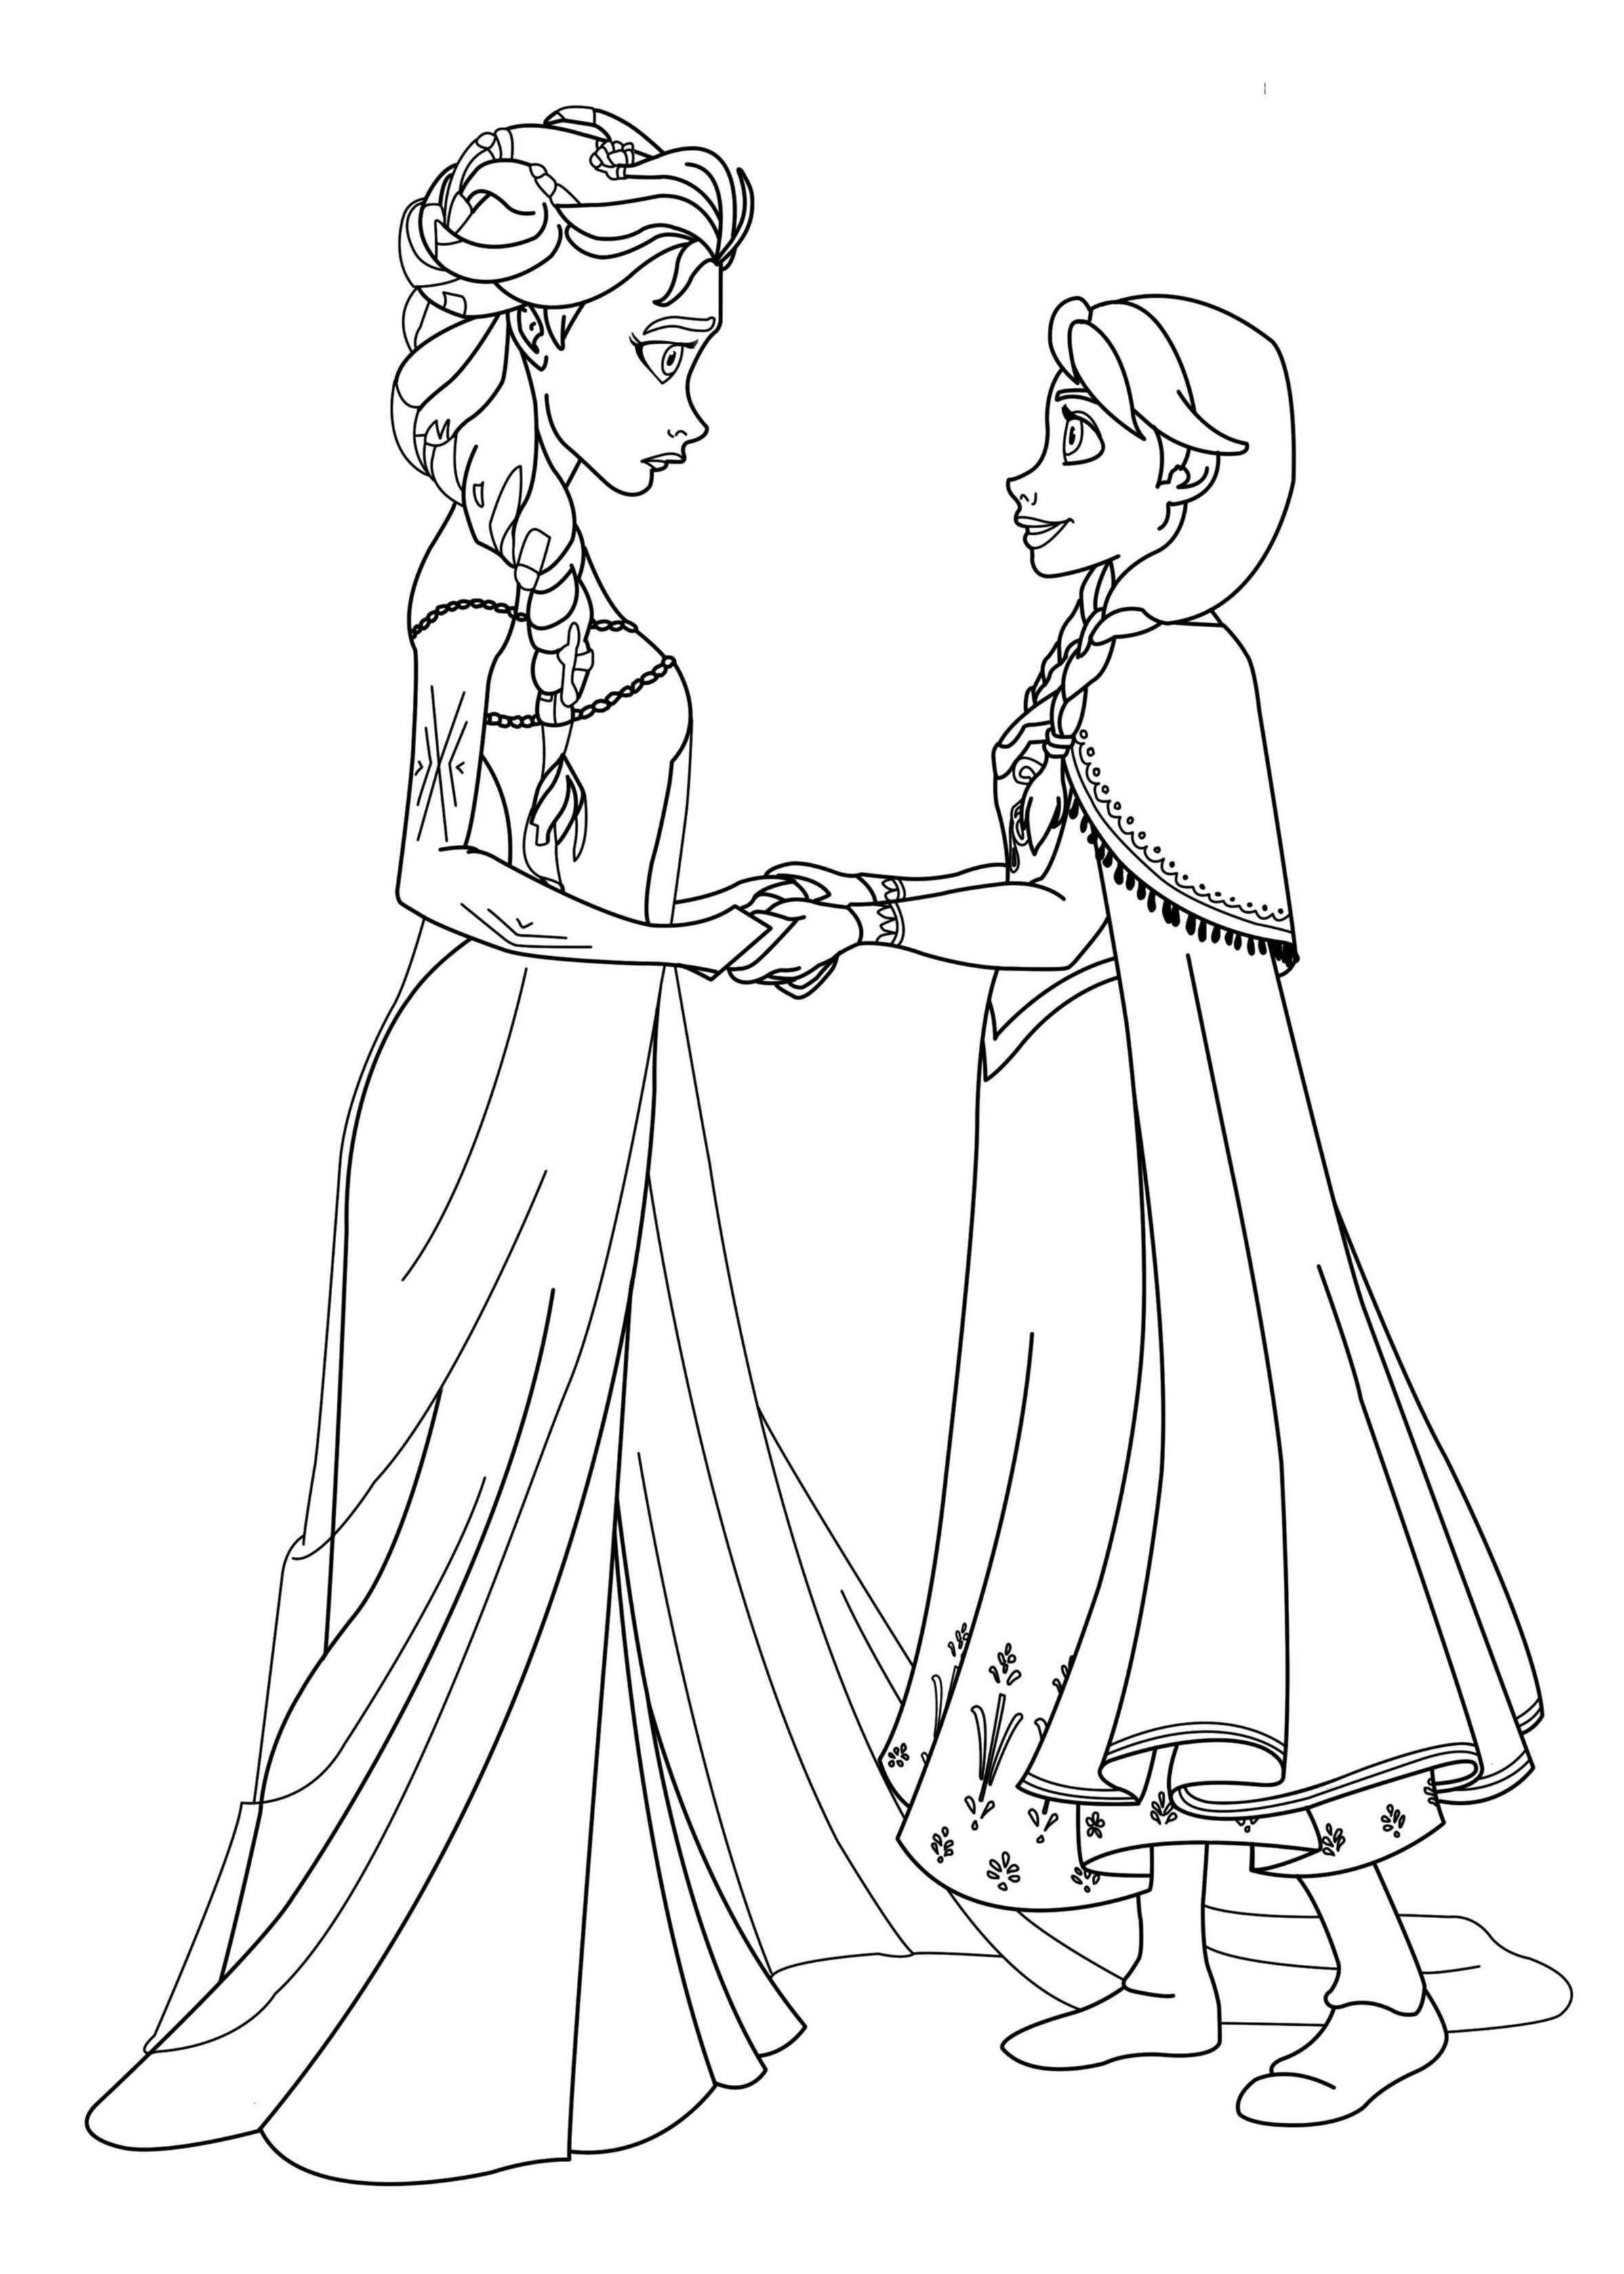 eiskönigin malvorlagen kostenlos  Princess coloring pages, Lion